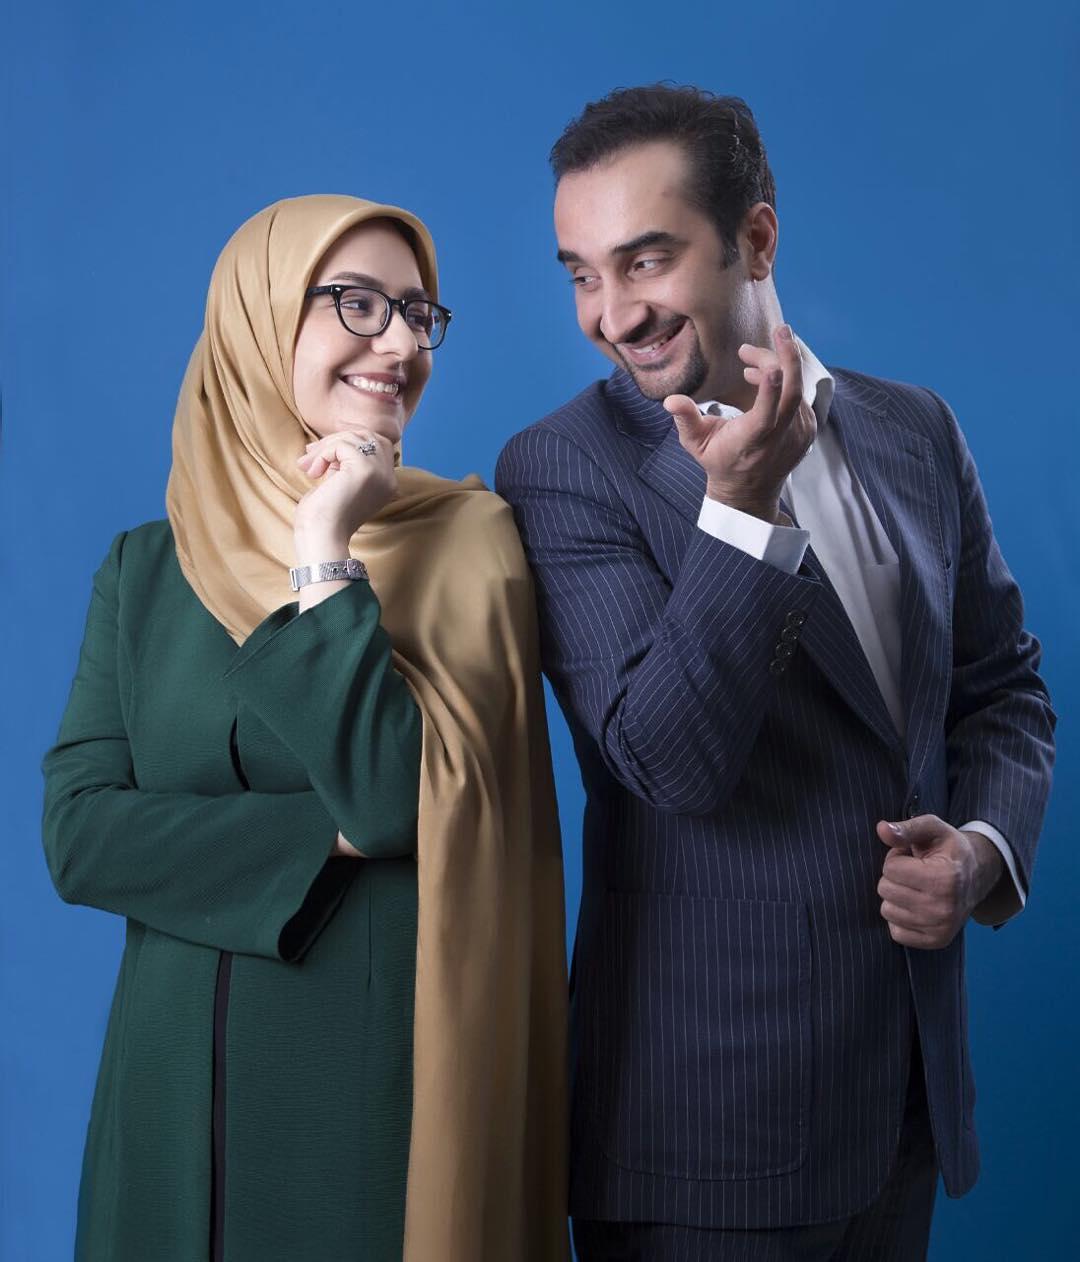 عکس های جدید و دیدنی نیما کرمی و همسرش